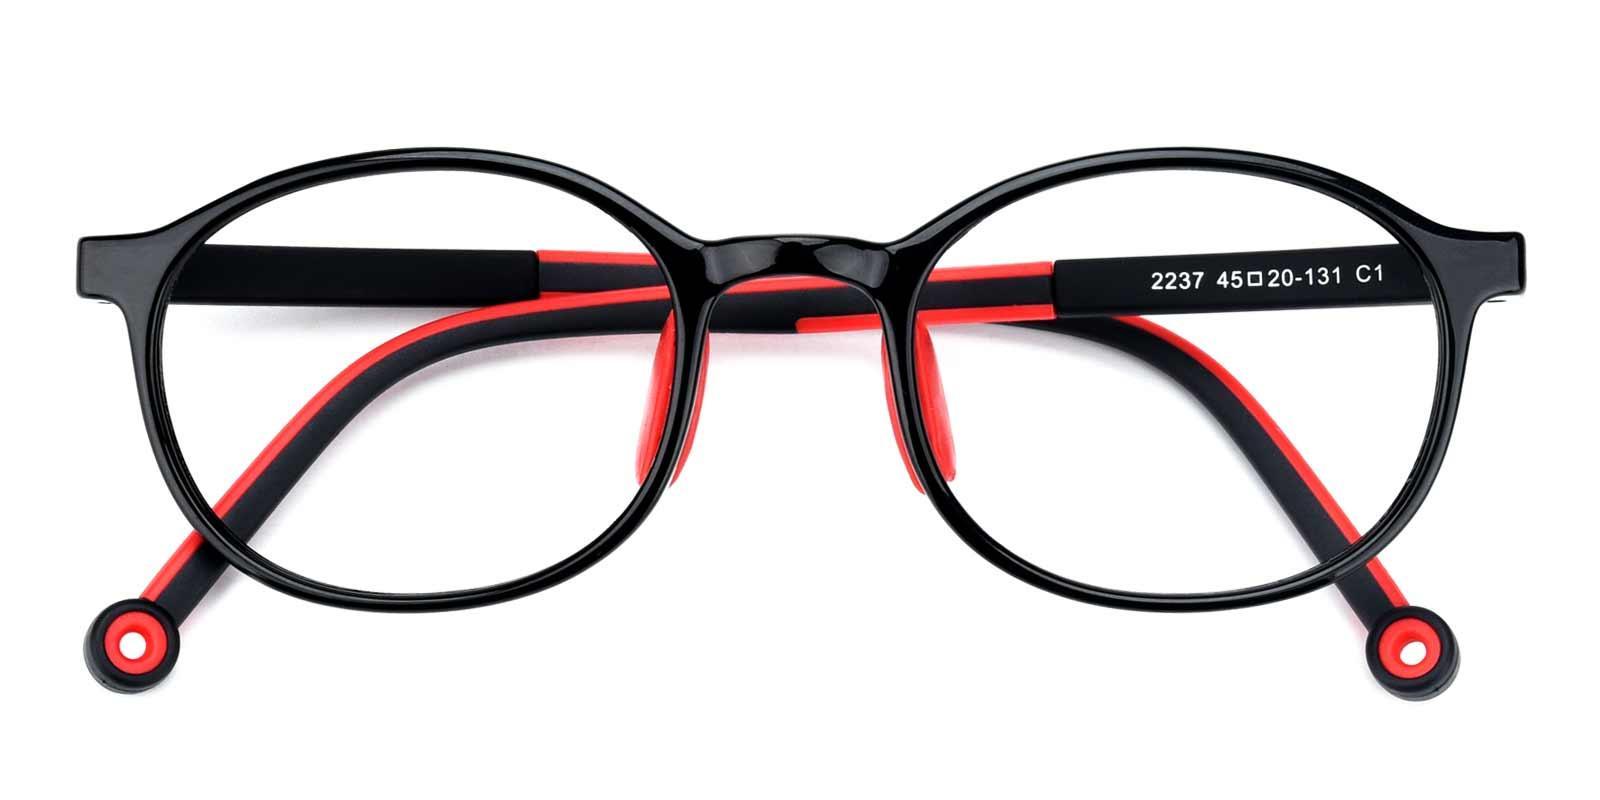 Glen-Black-Oval-Plastic-Eyeglasses-detail